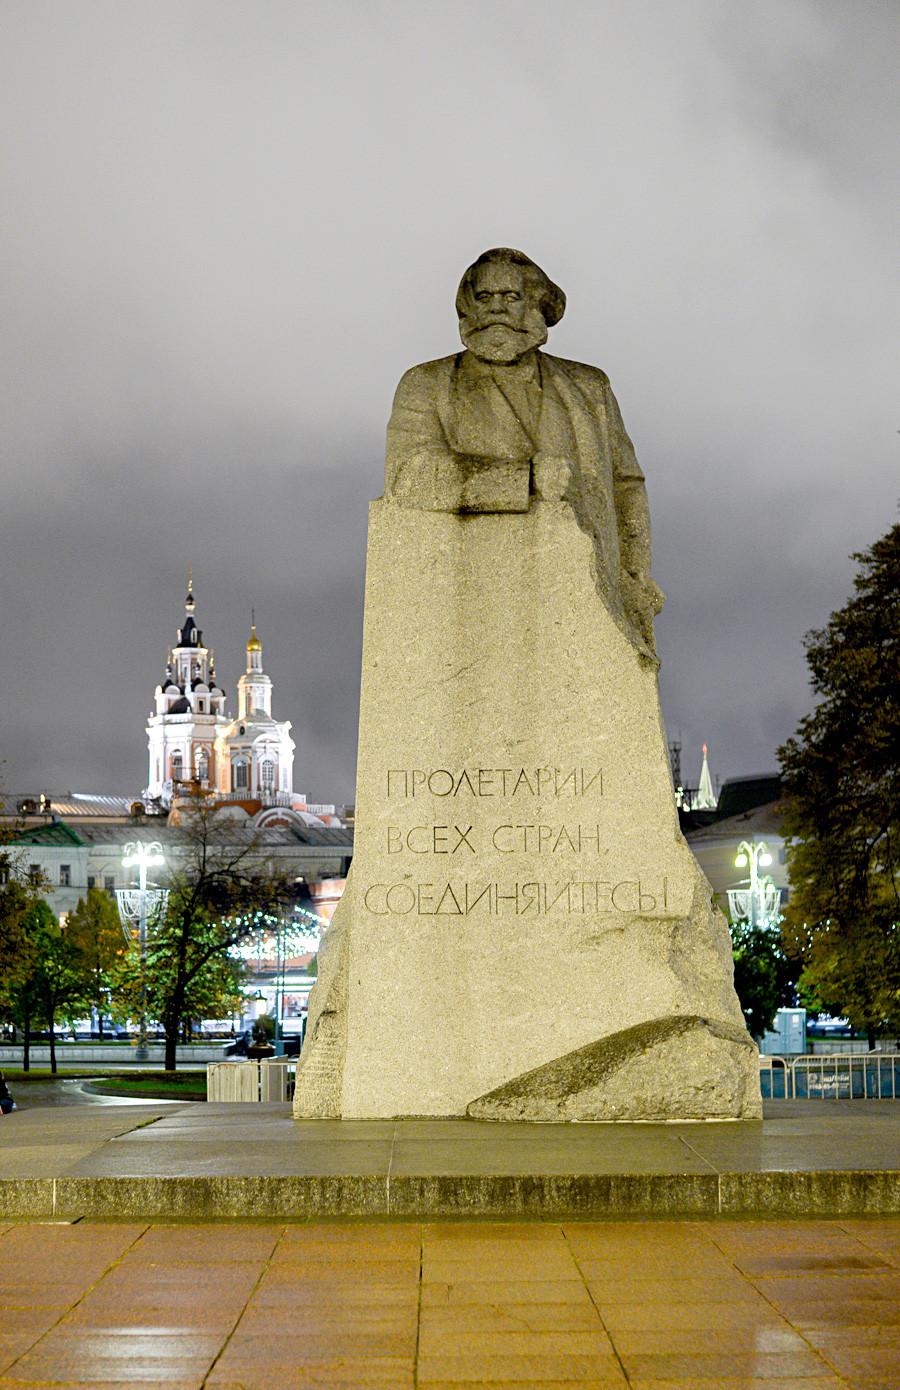 カール・マルクスの像